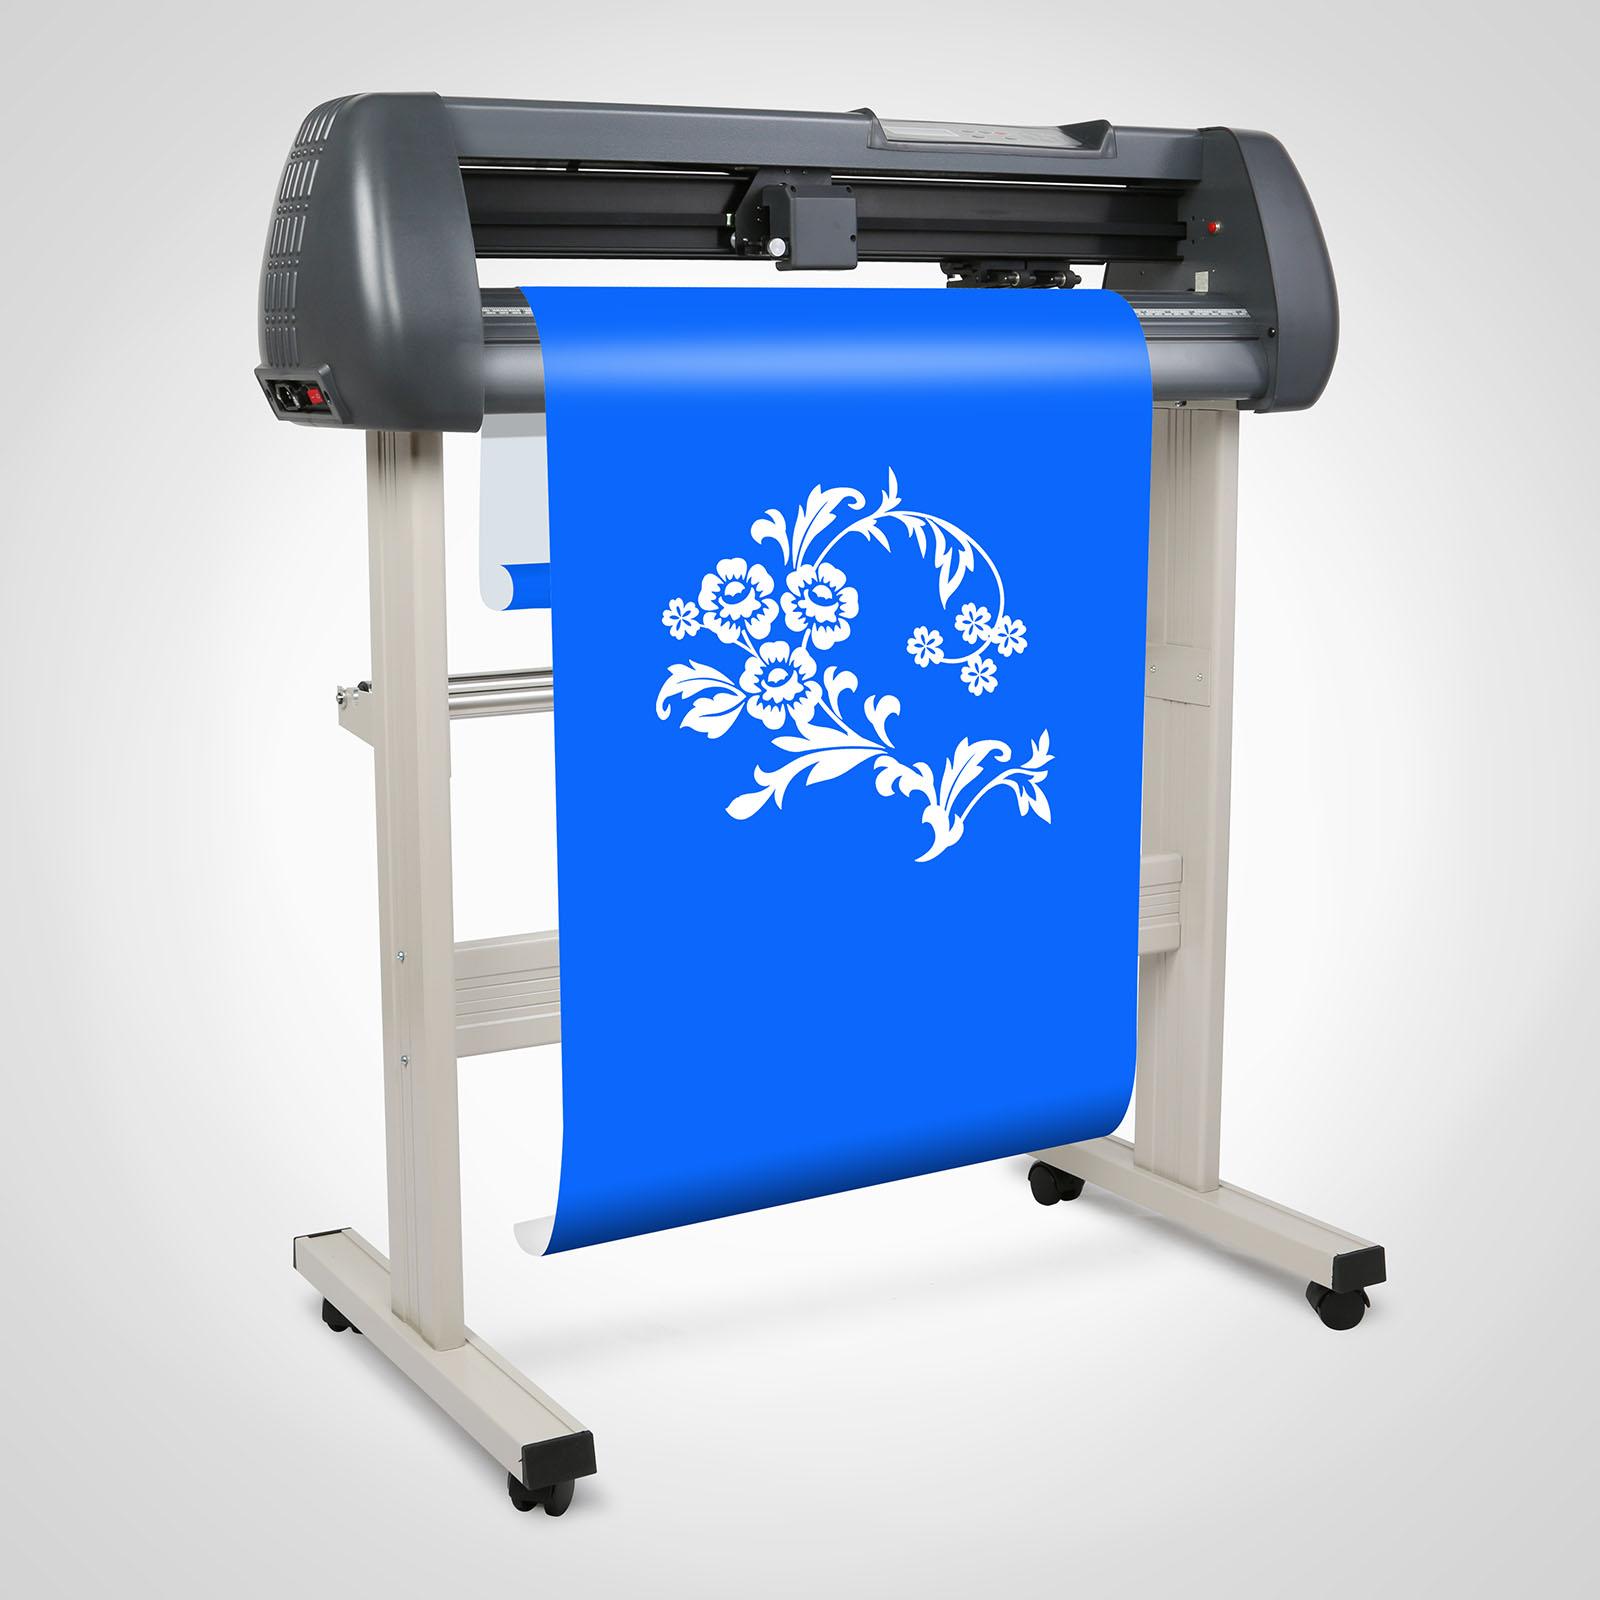 28 Vinyl Cutting Plotter Sticker Sign Printer Cutter w Artcut Software  eBay